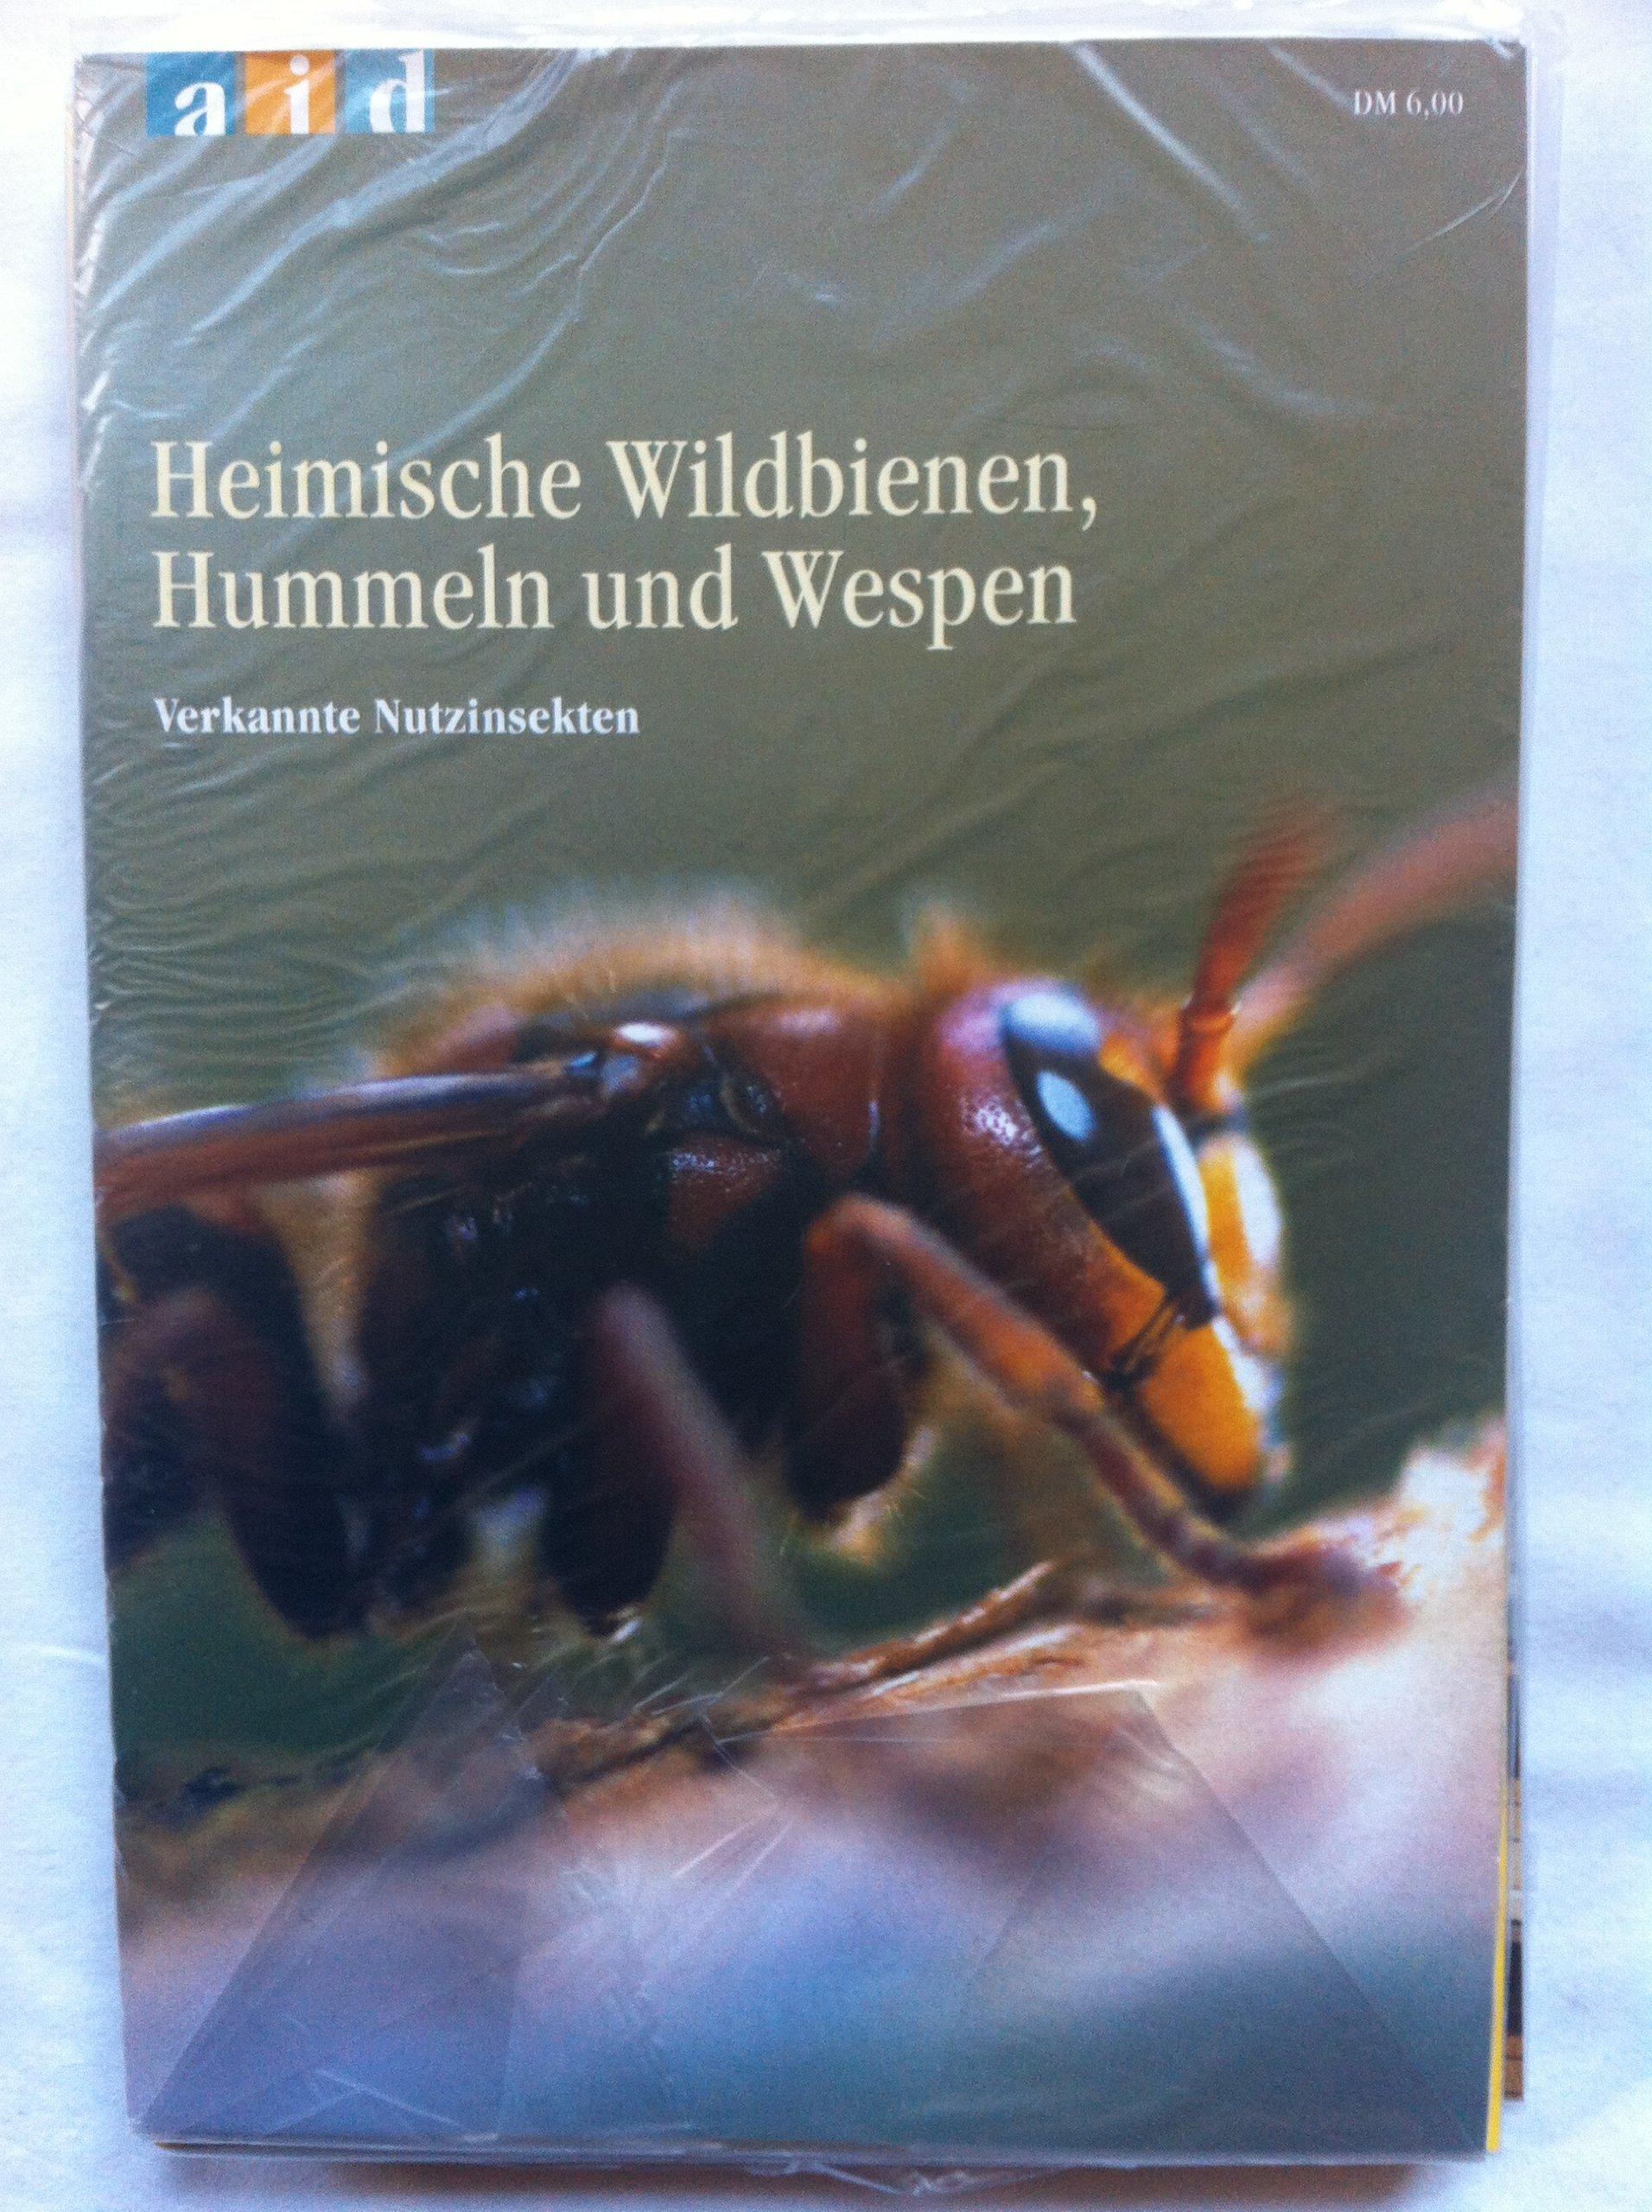 Heimische Wildbienen, Hummeln und Wespen - verkannte Nutzinsekten